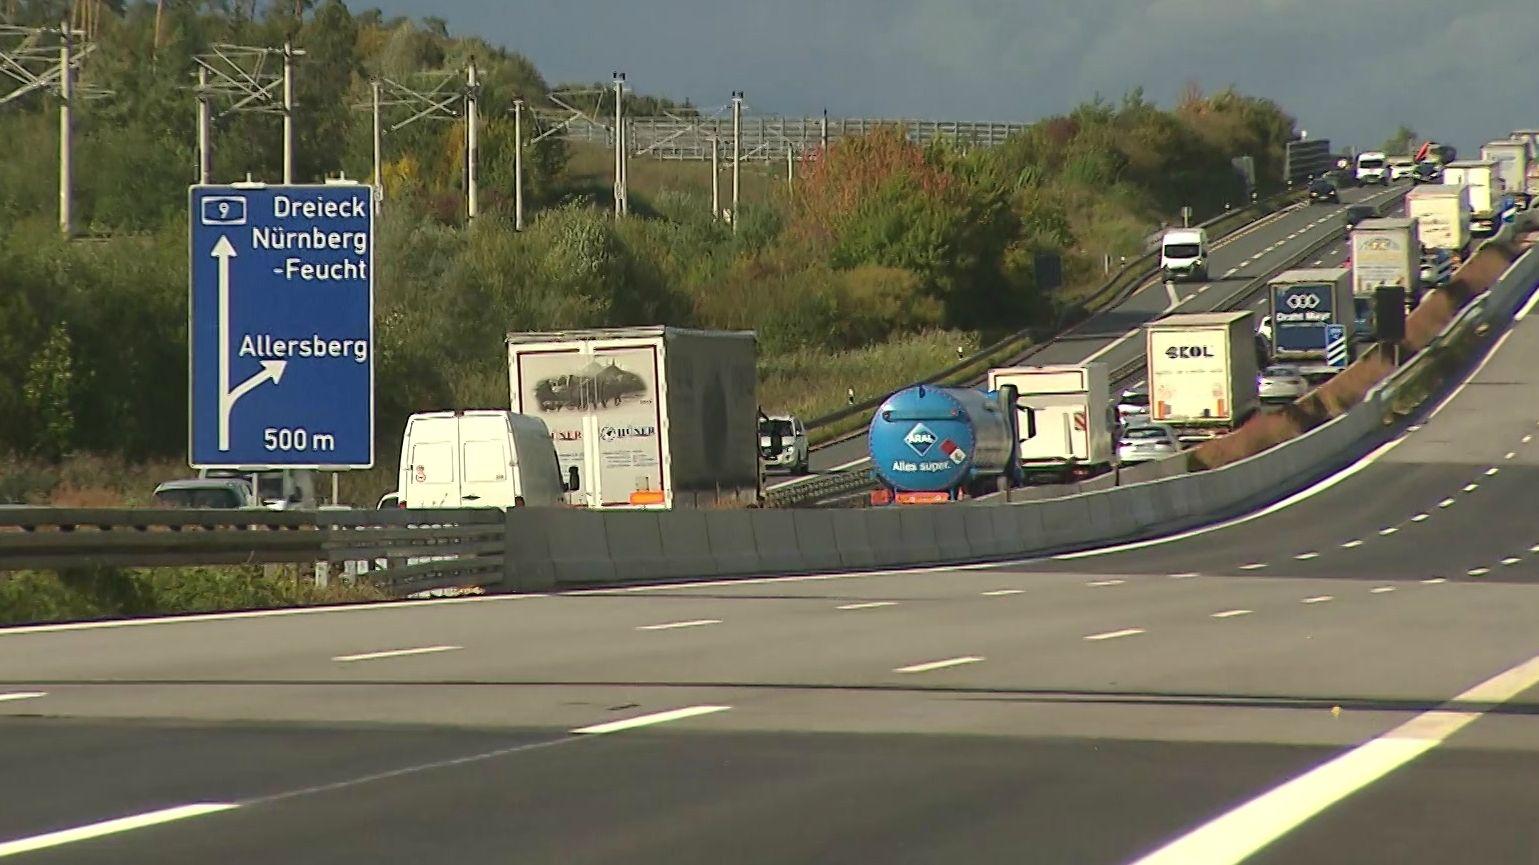 Autobahn A9 mit blauem Schuld mit Aufschrift Dreieck Nürnberg/Feucht